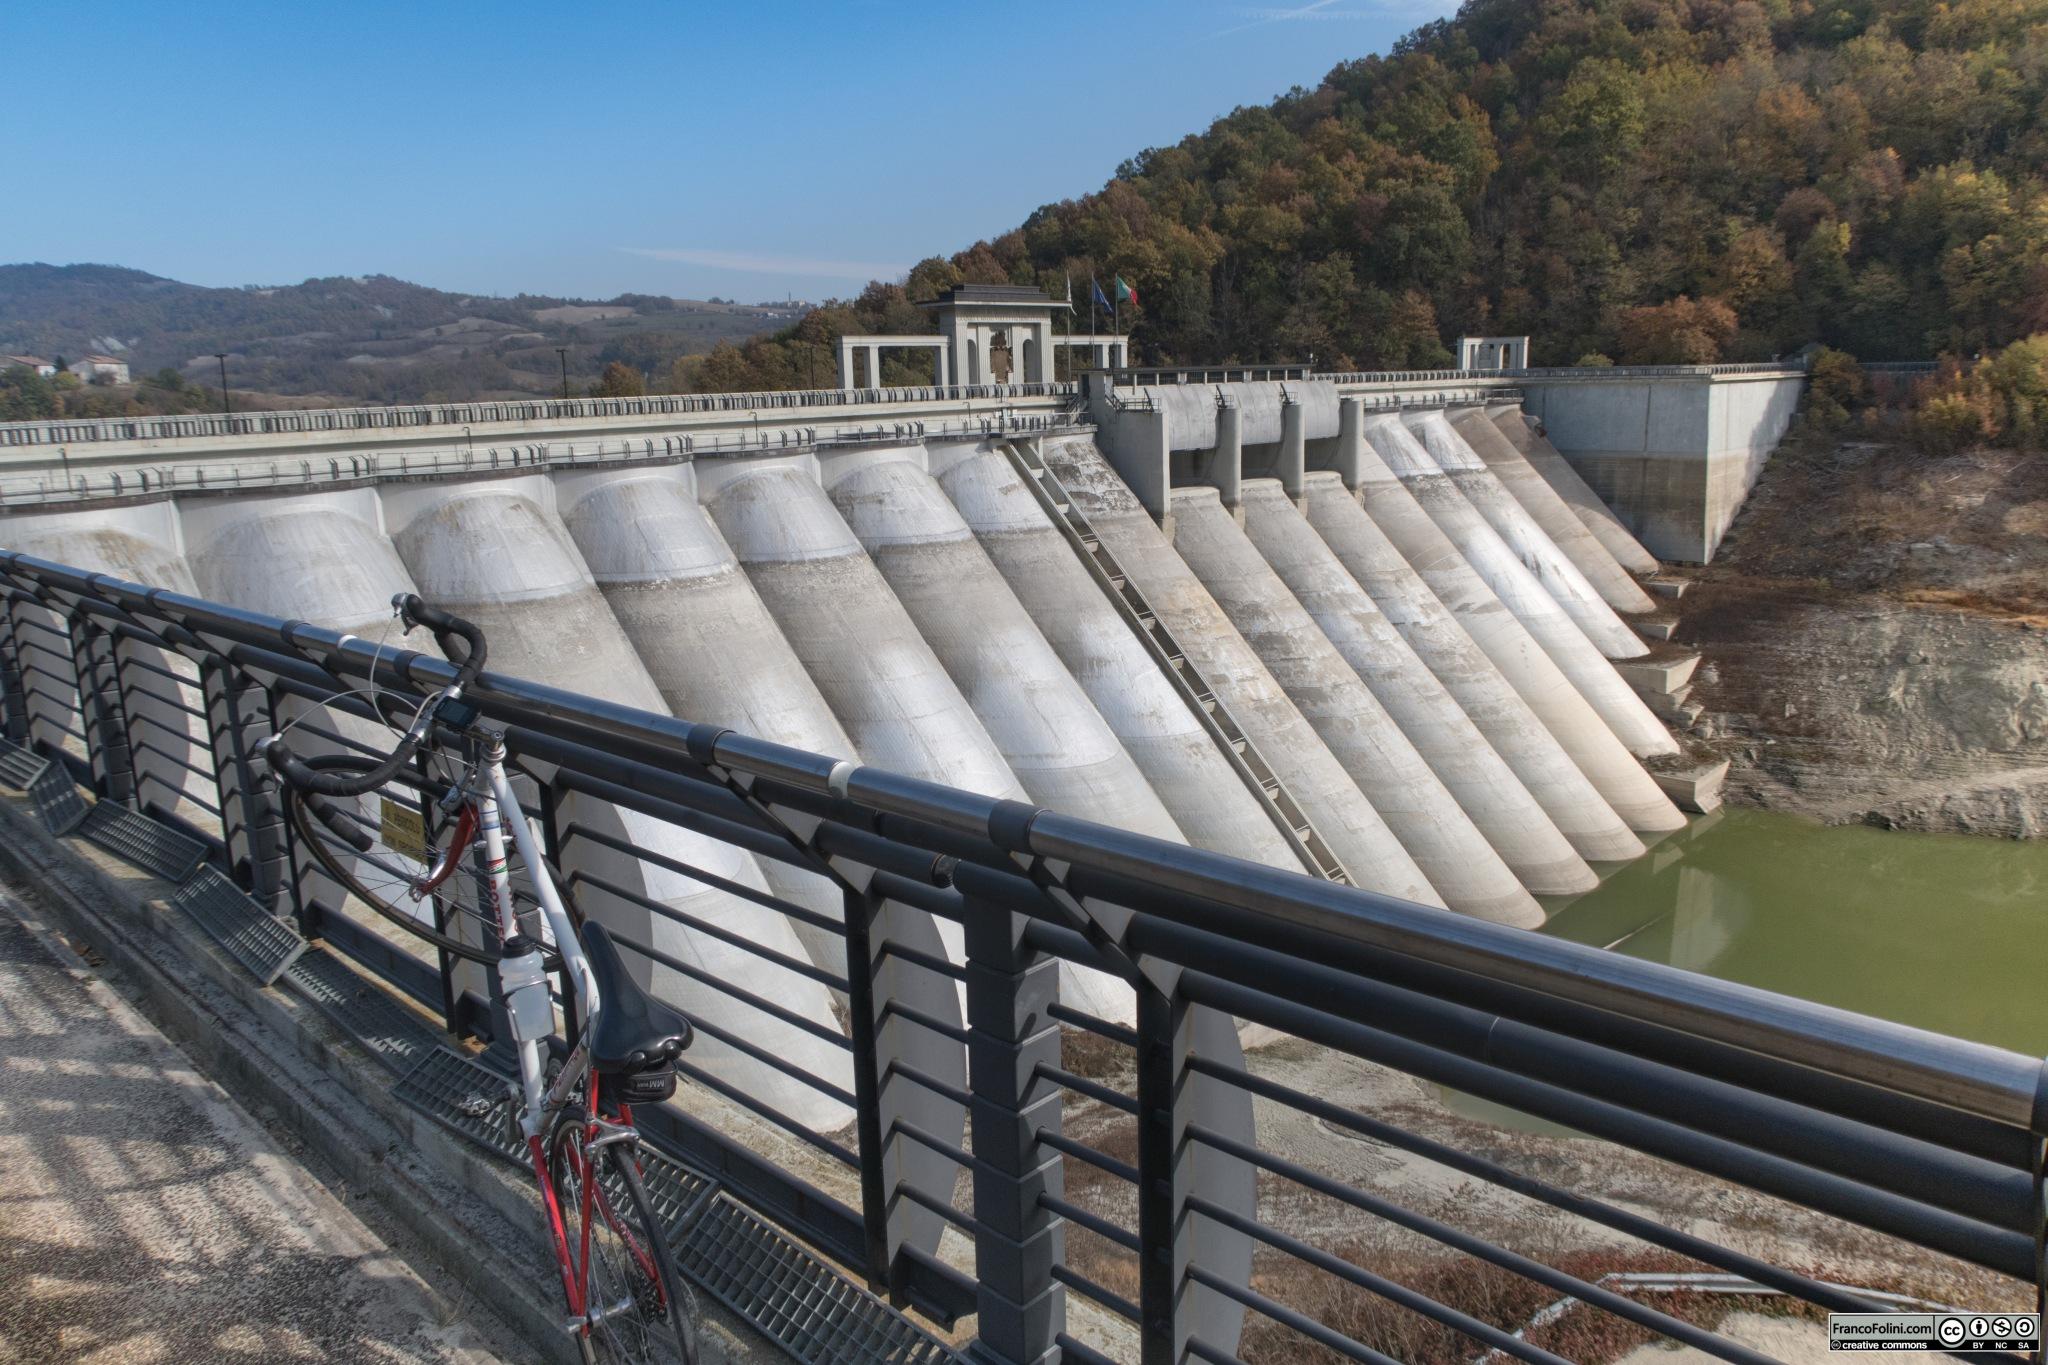 La diga di Molato che da' luogo al lago di Trebecco. La diga e' percorribile solo in alcune ore della giornata.